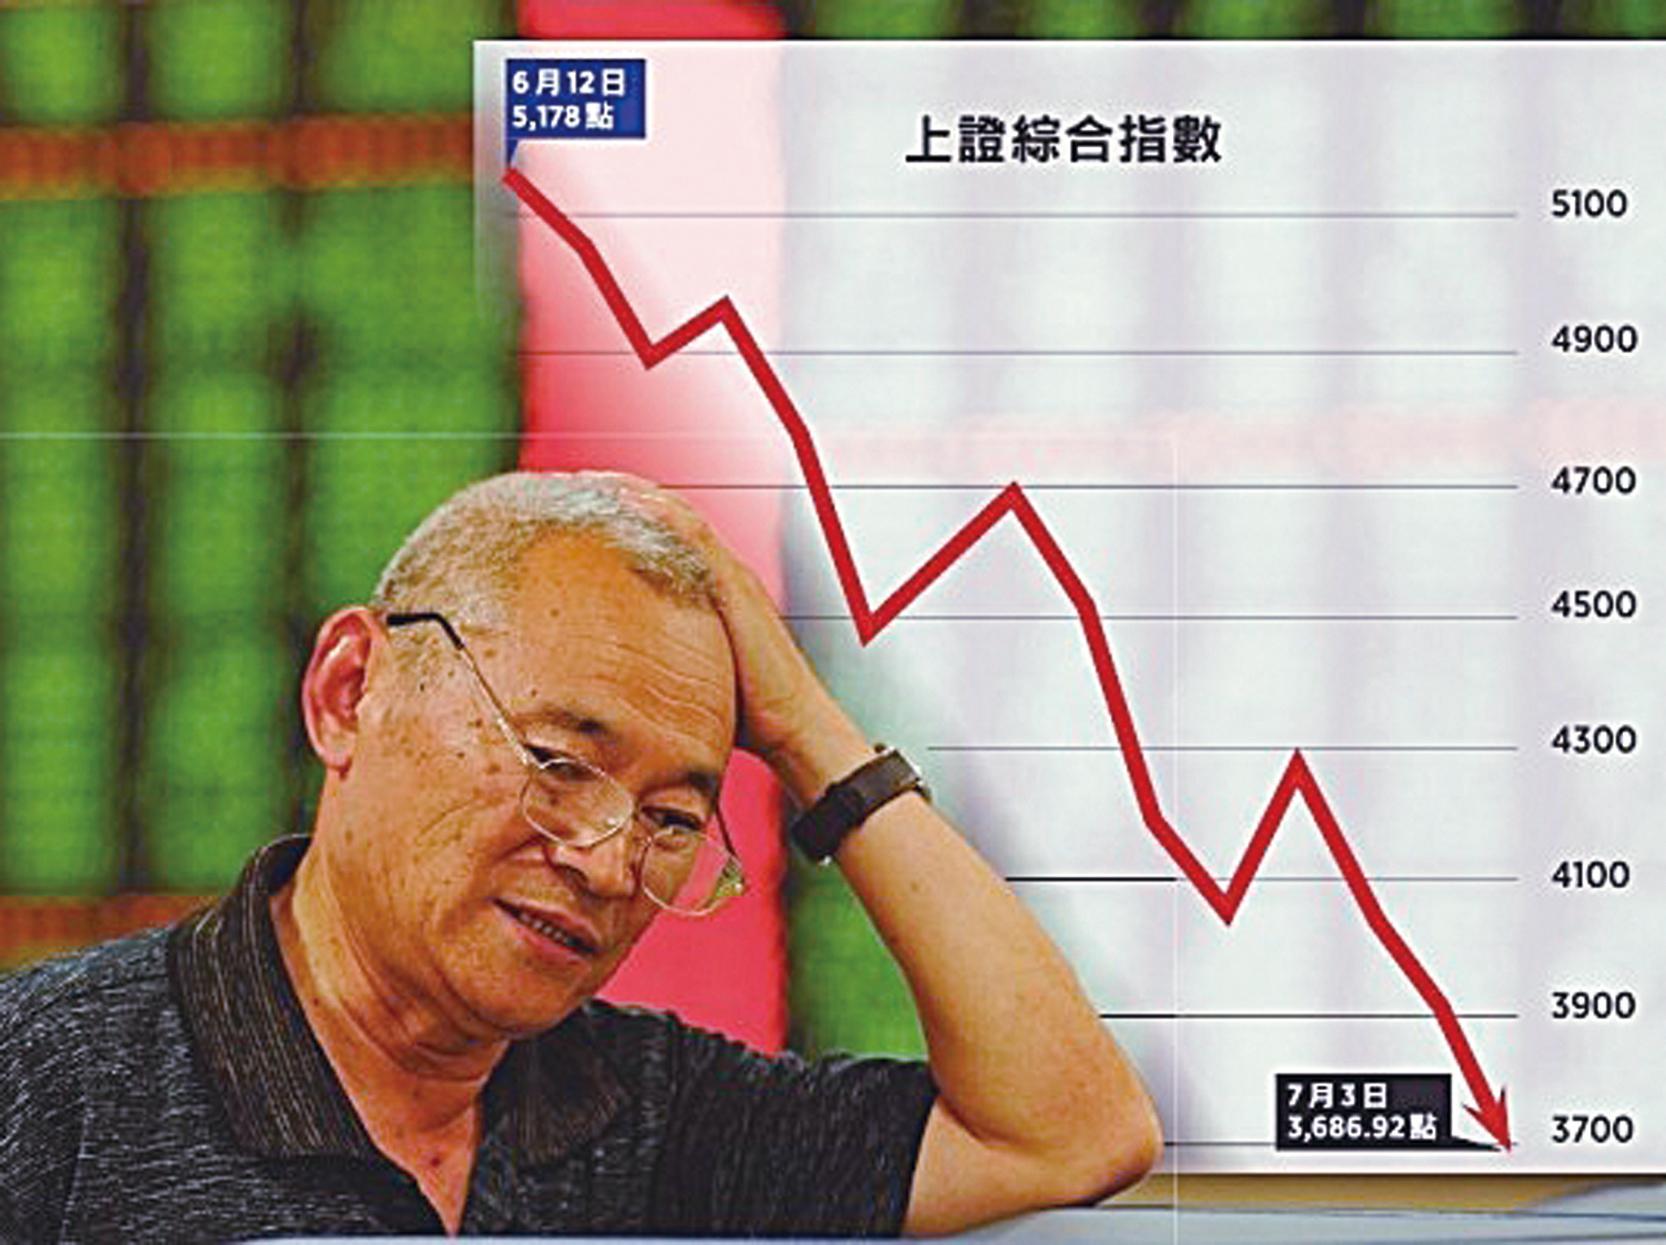 中國人面臨財富縮水危機